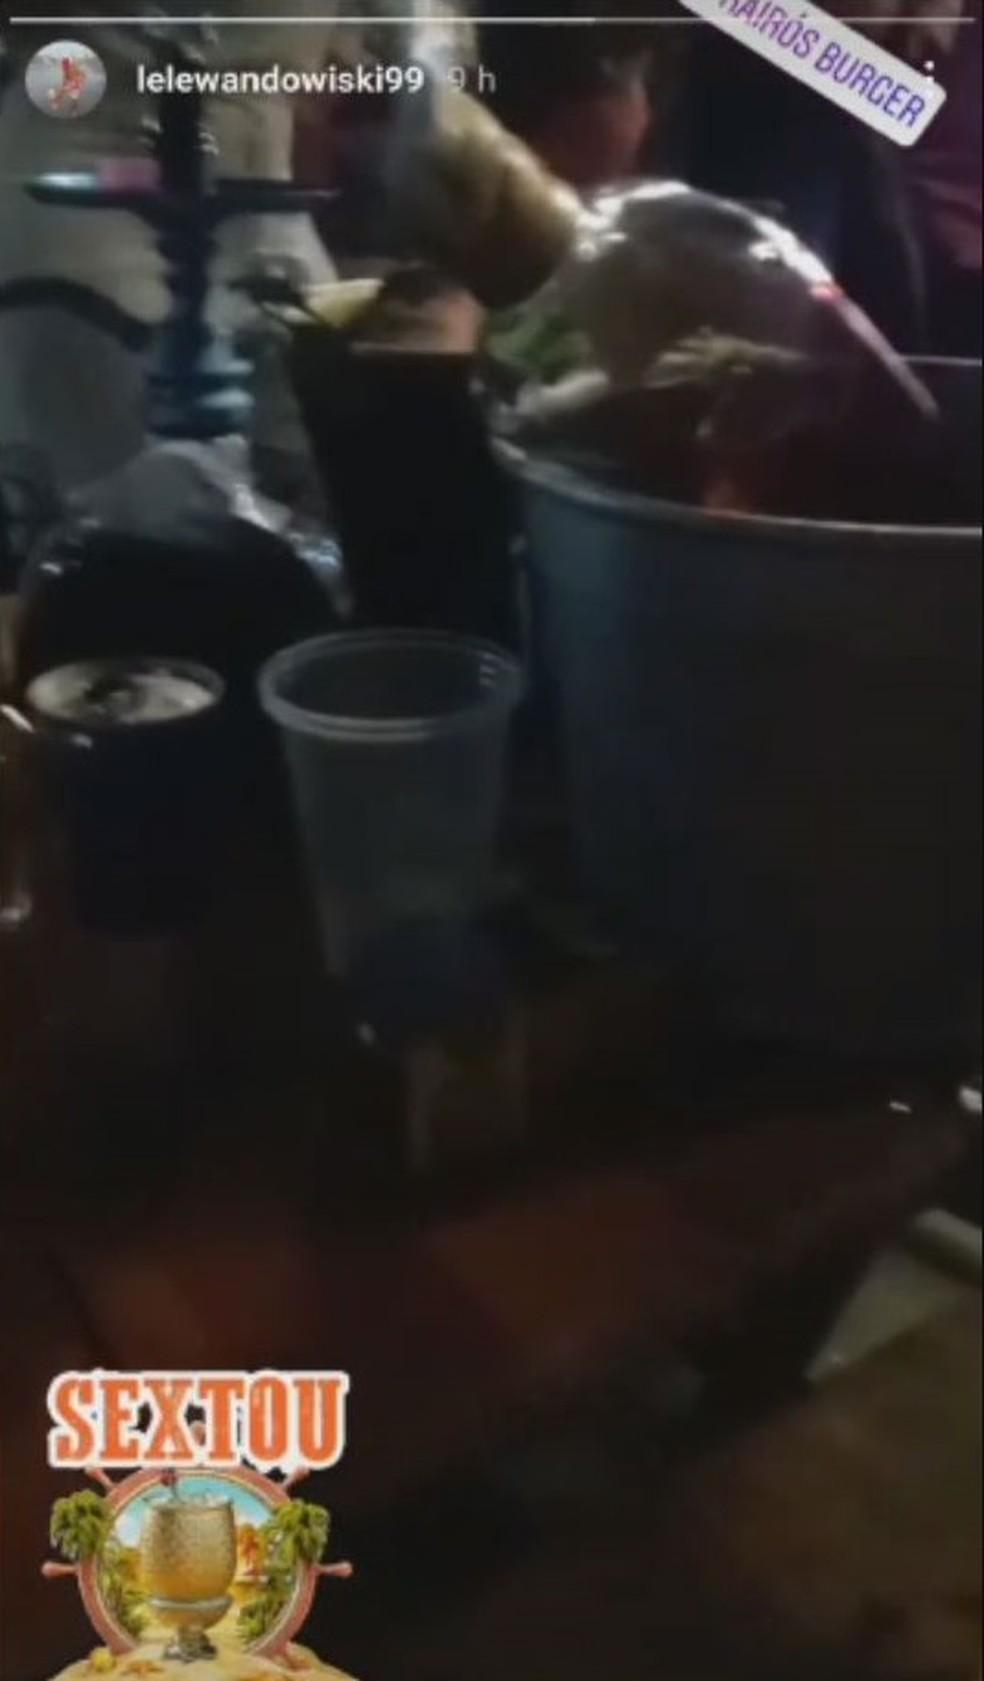 Leonardo dos Santos Antonio, de 32 anos, publicou imagens do bar com amigos antes de ser morto por desconhecido em Guarujá, SP — Foto: Reprodução/Instagram